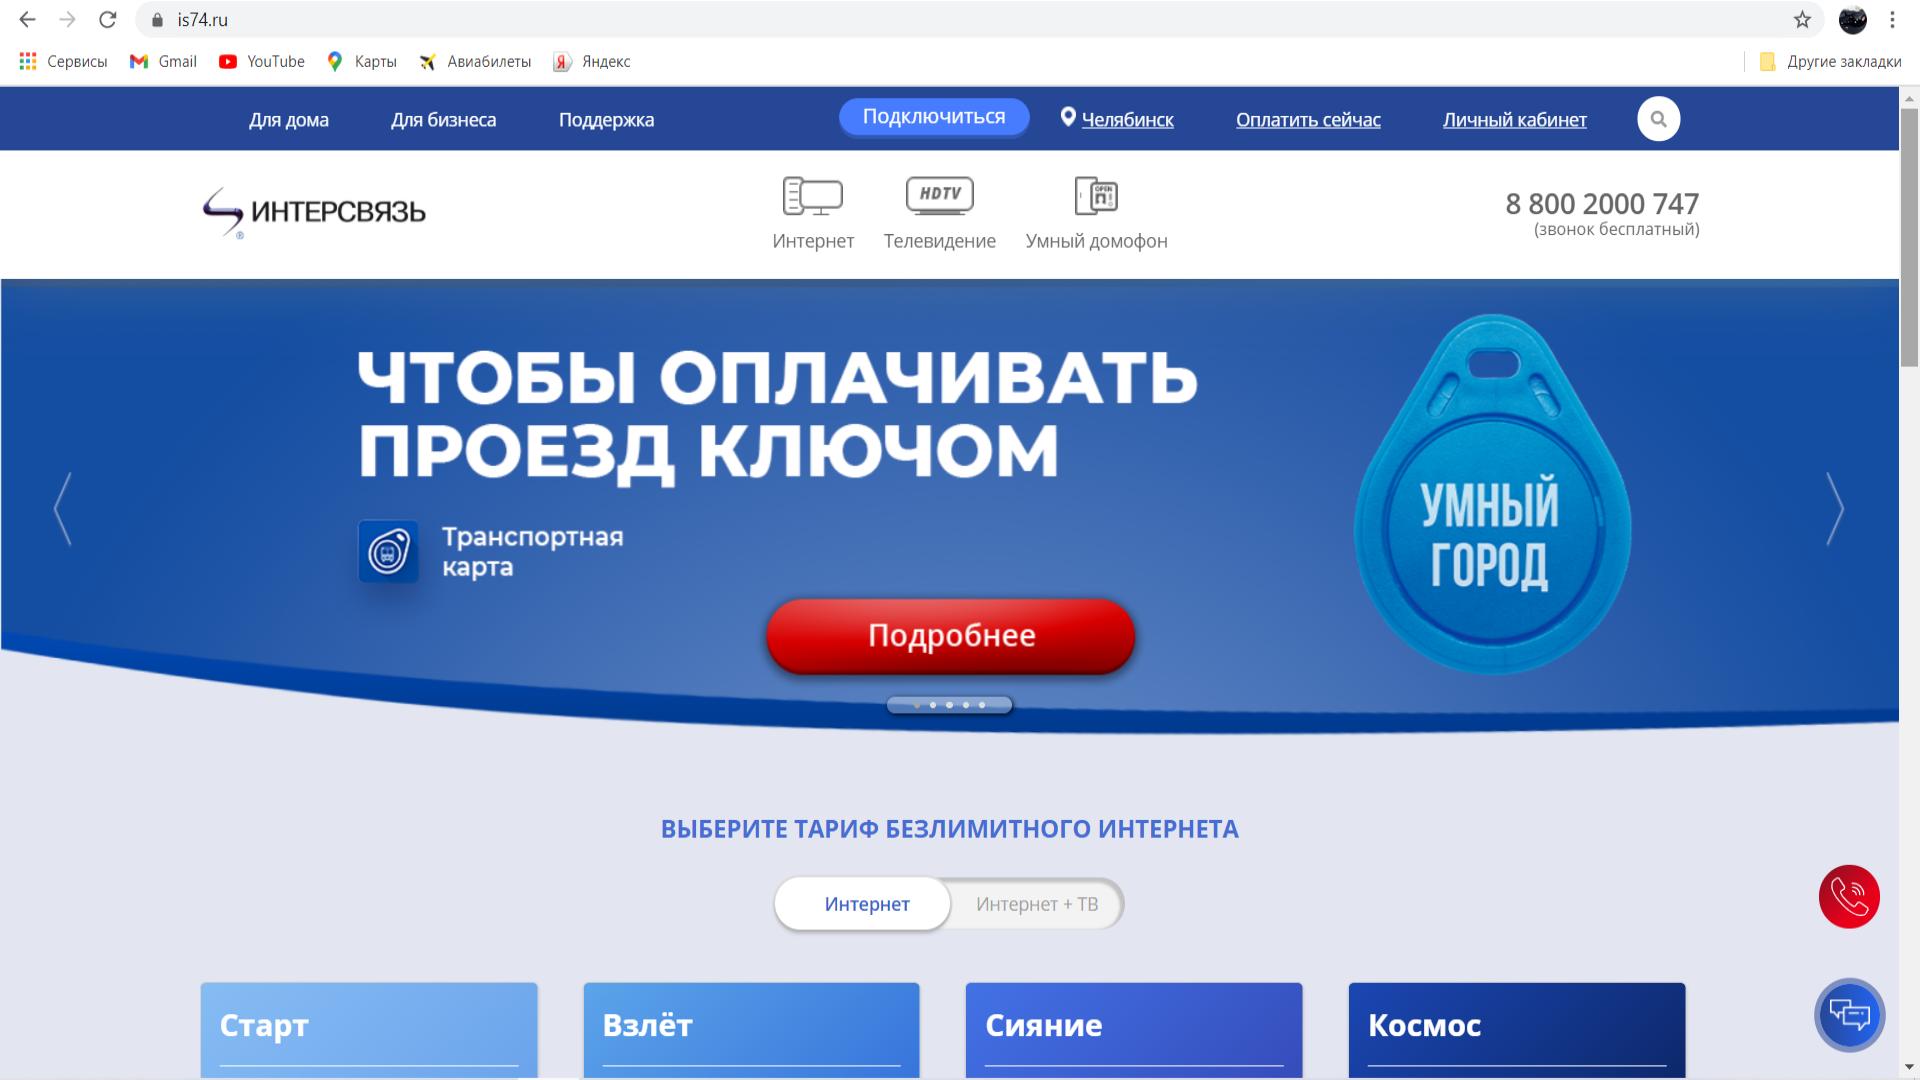 официальный сайт интерсвязь